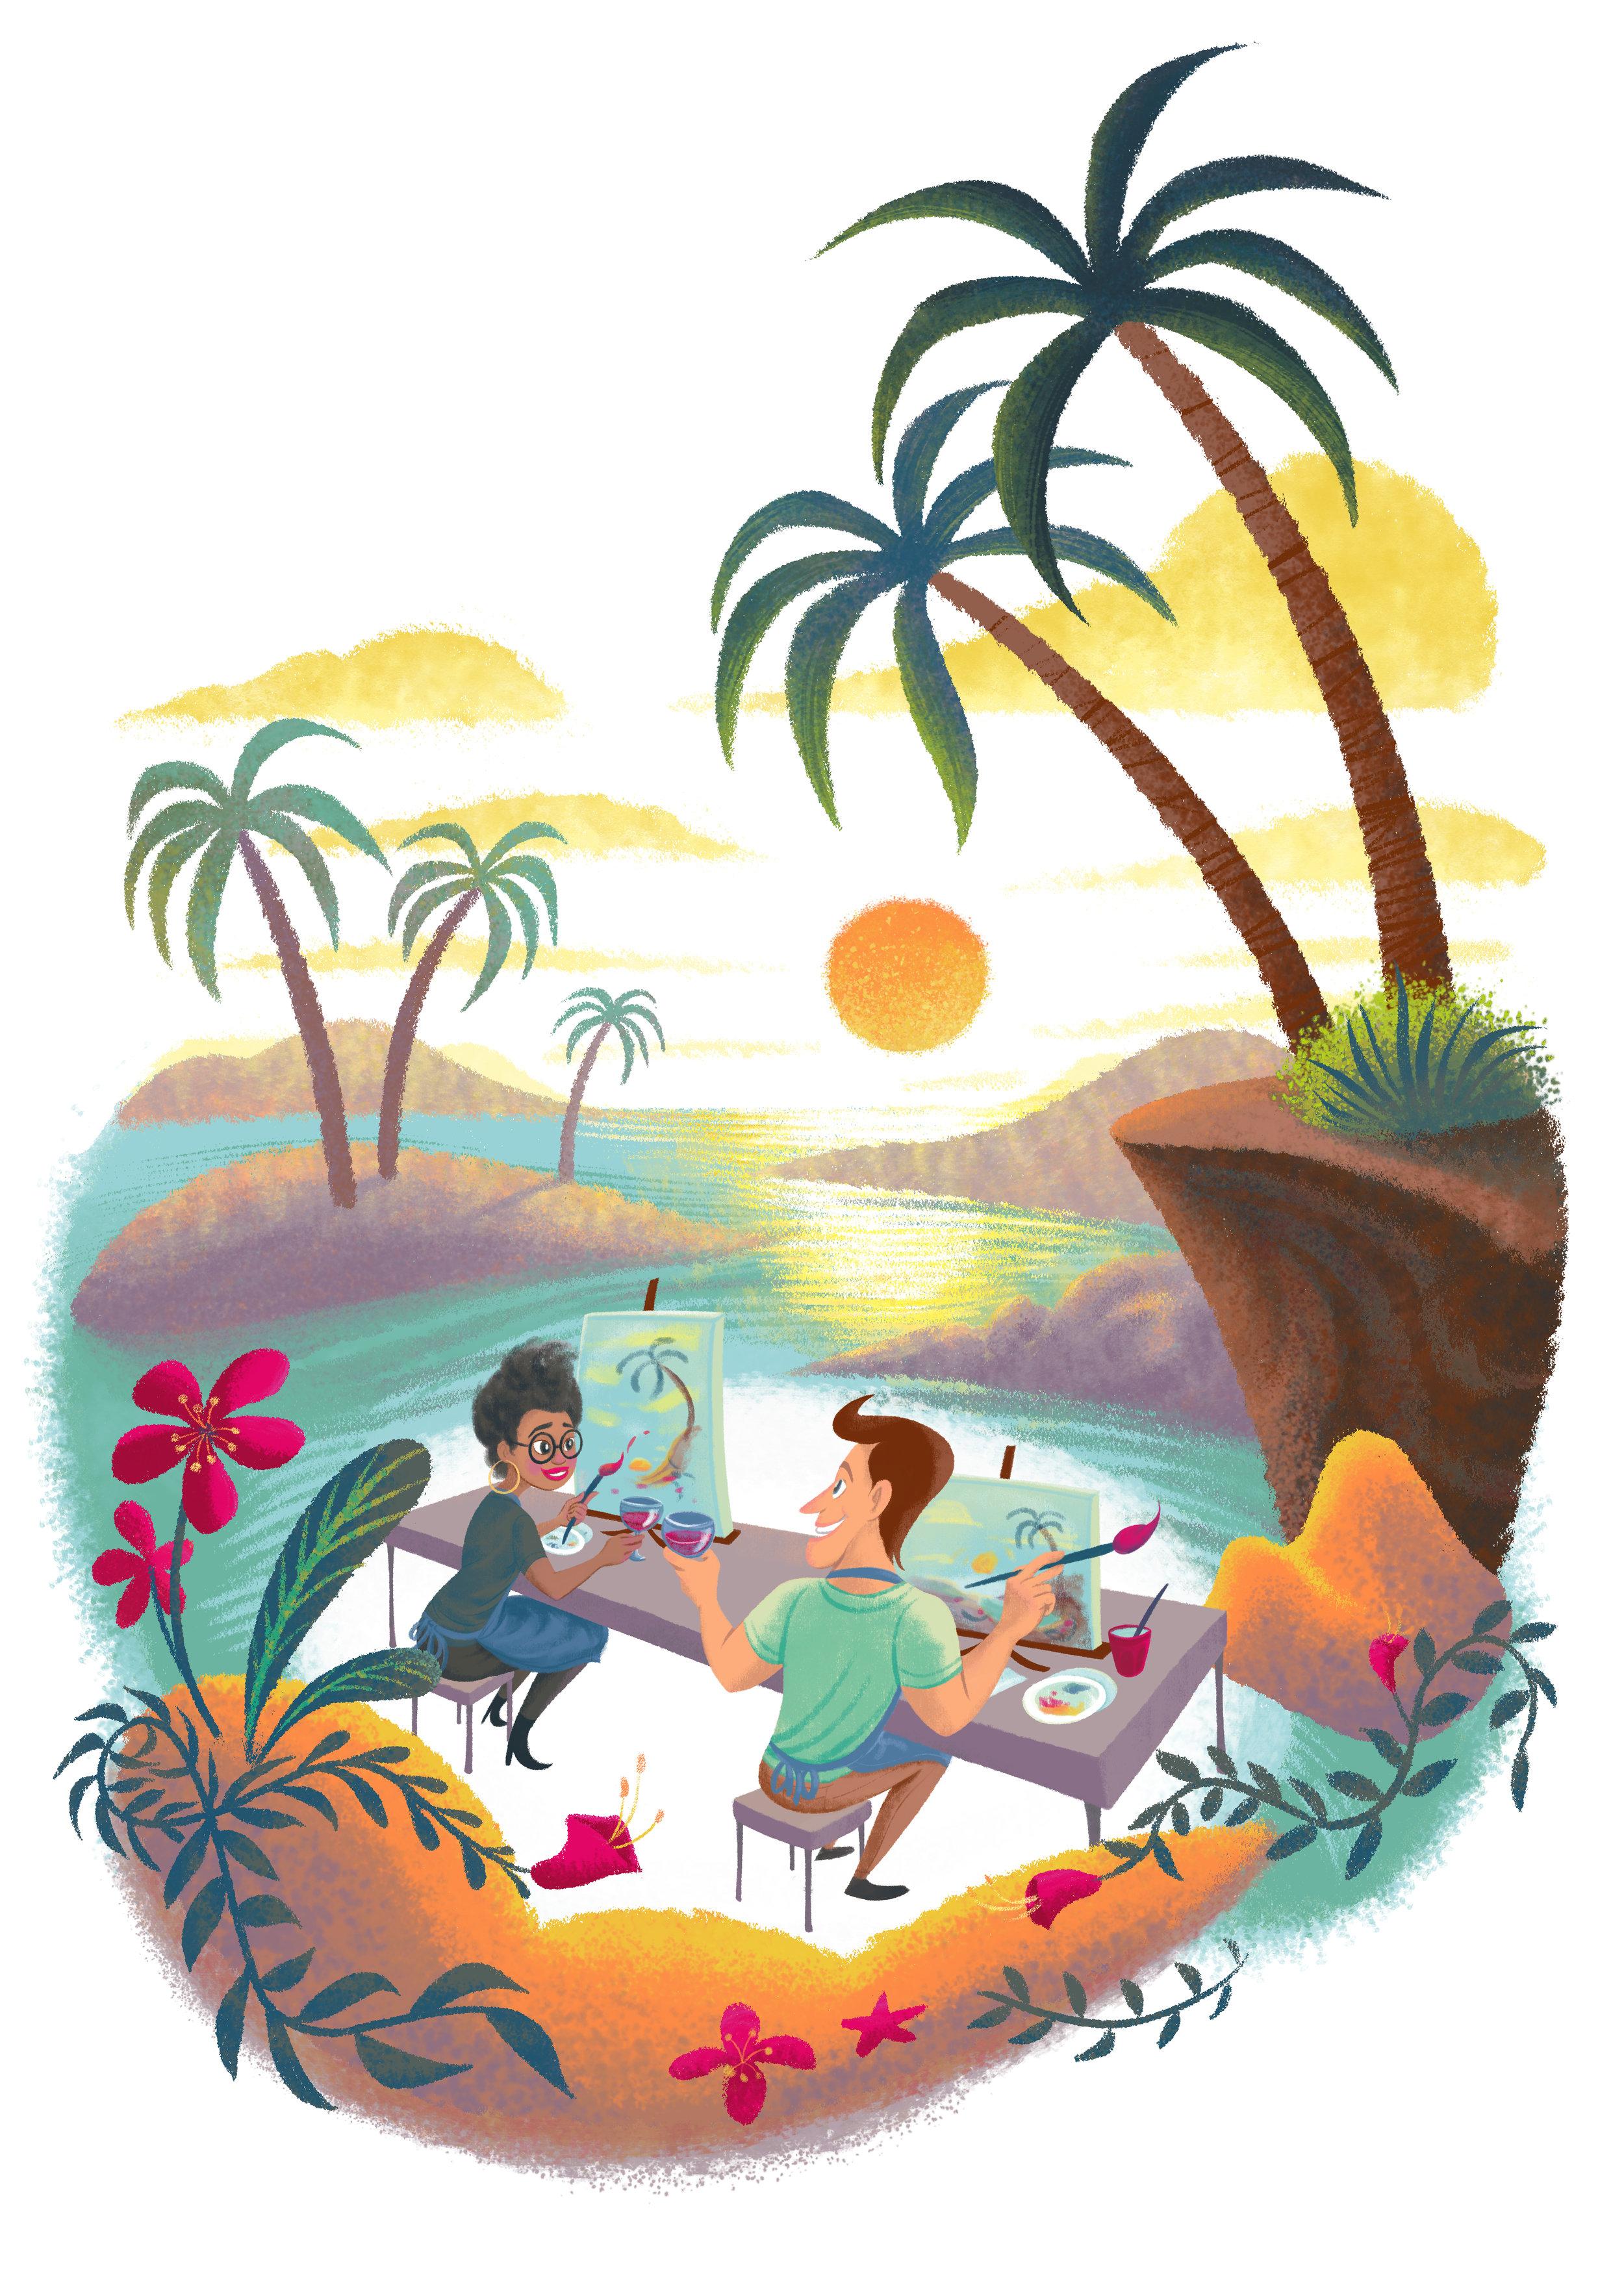 HaydenCurrie-Illustration-PinotsPalette-GetAway.jpg